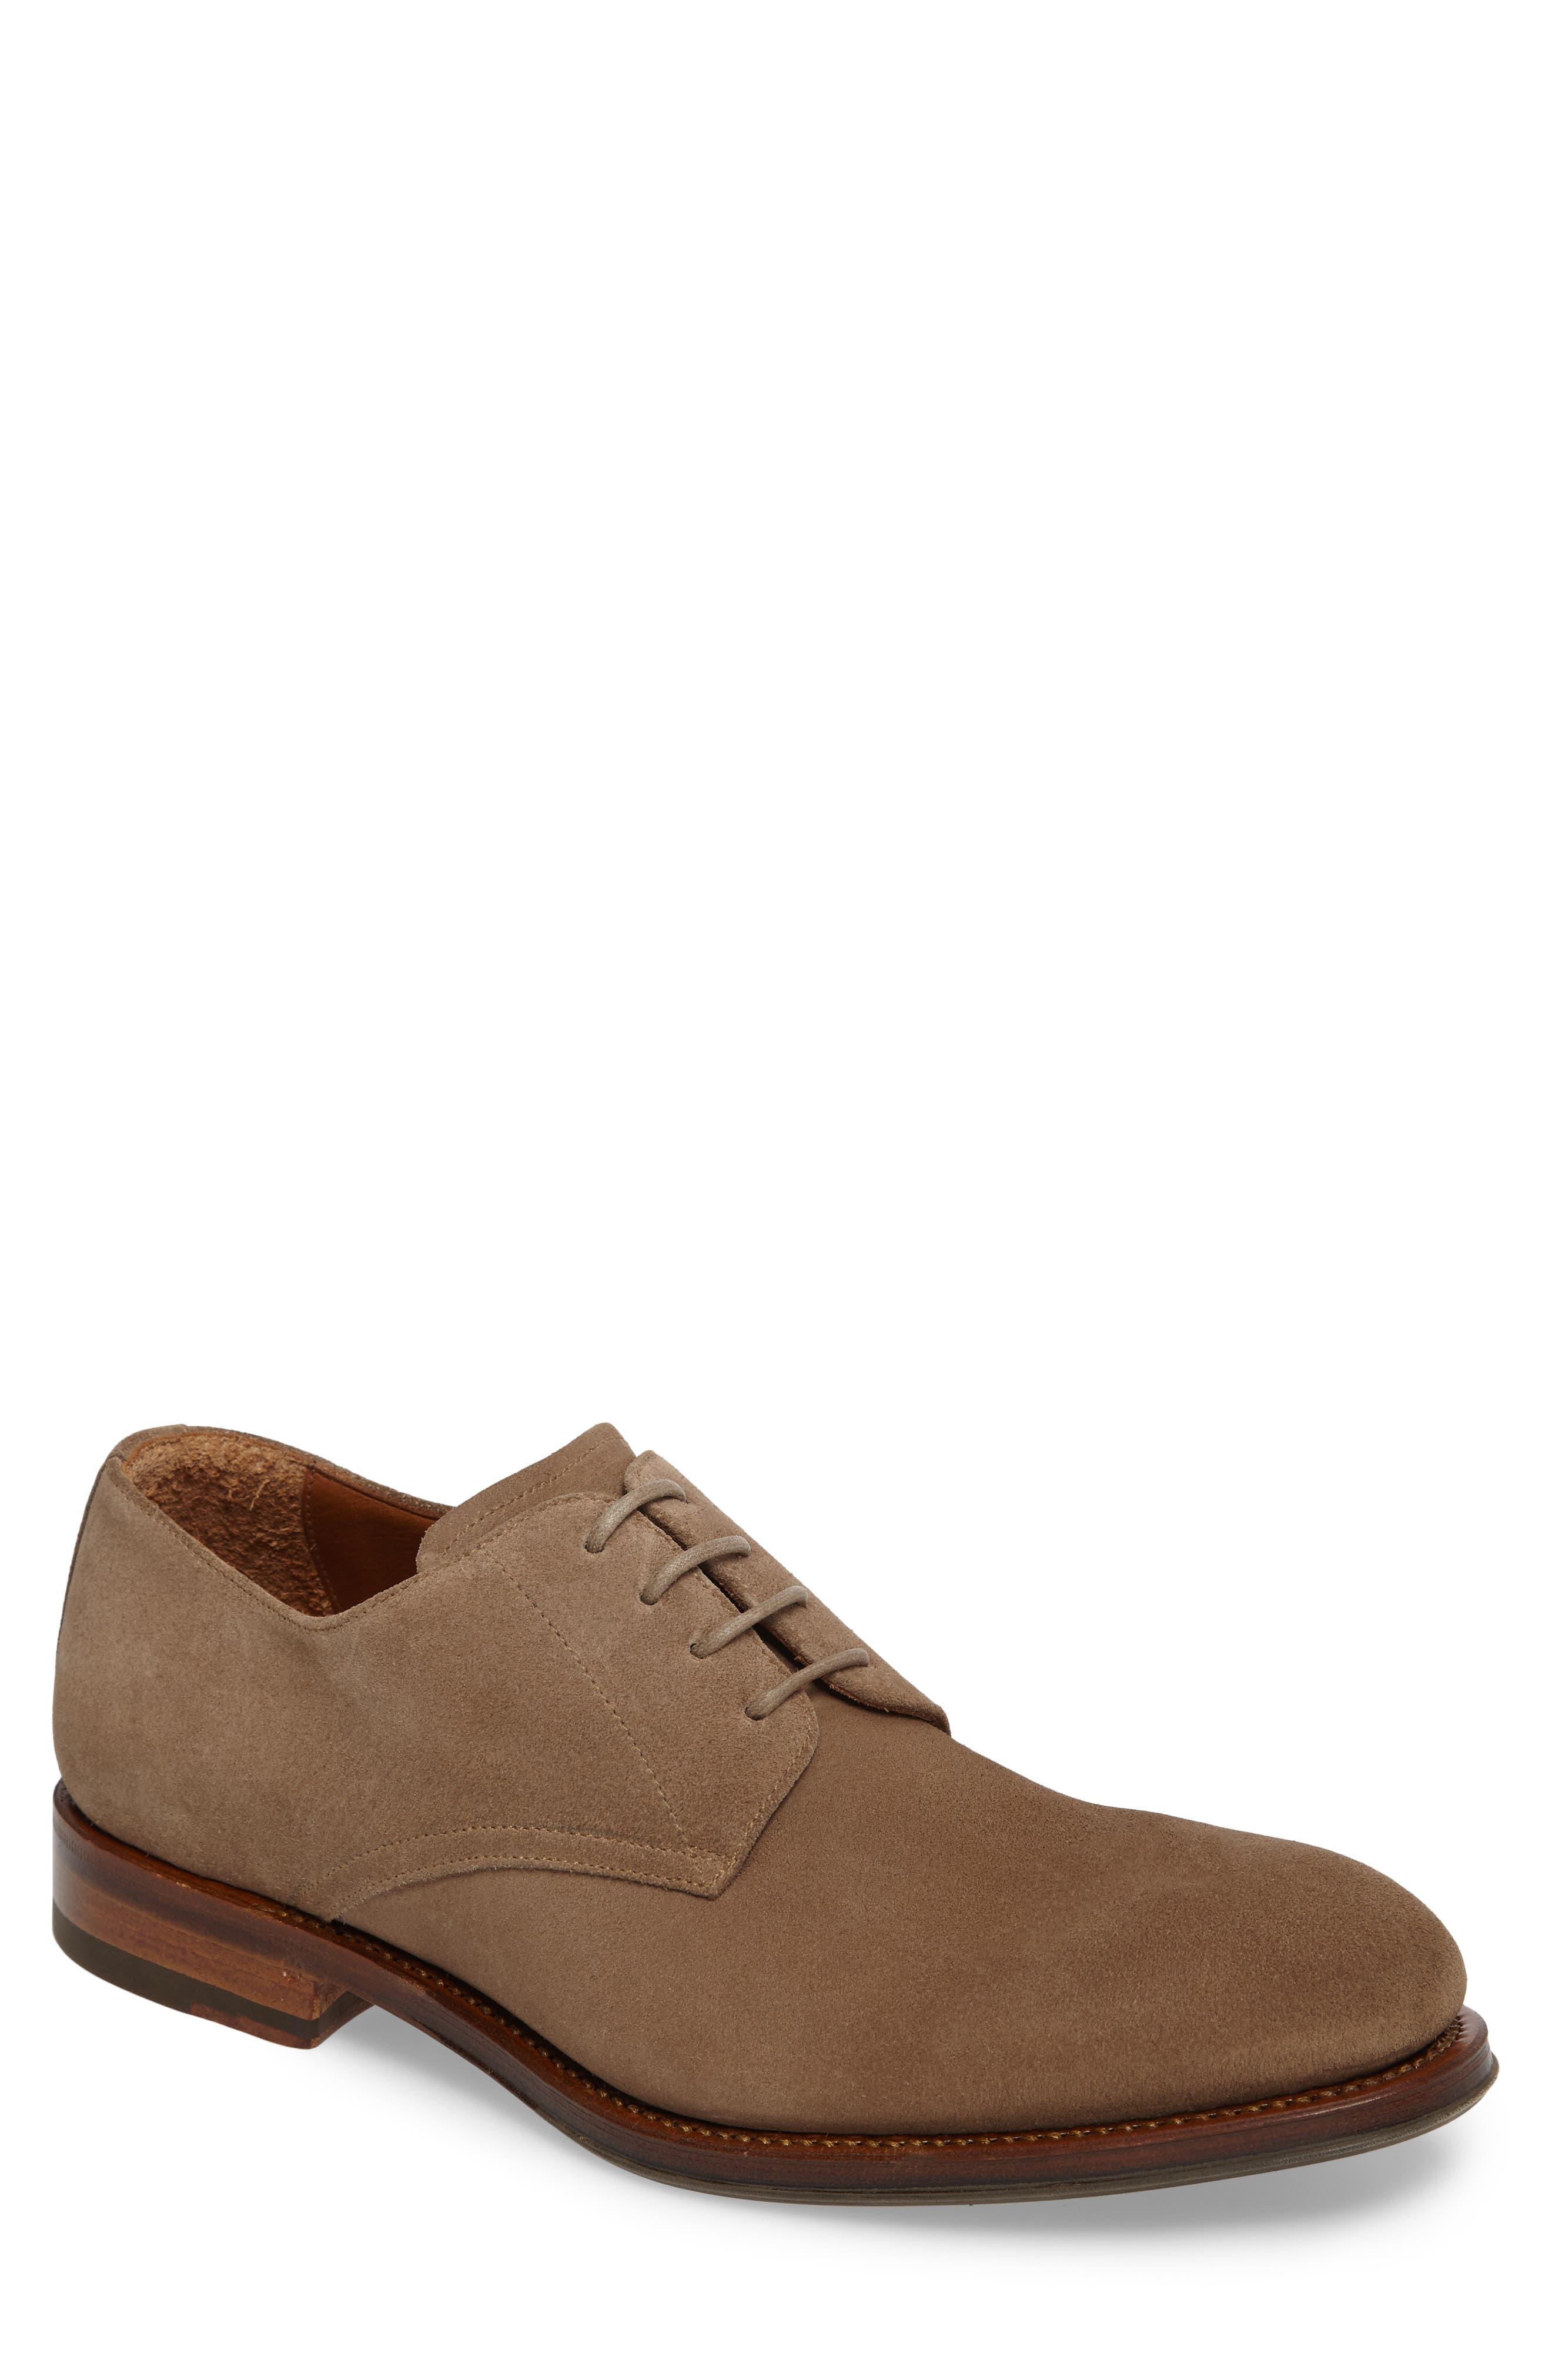 Aquatalia 'Vance' Plain Toe Derby (Men)